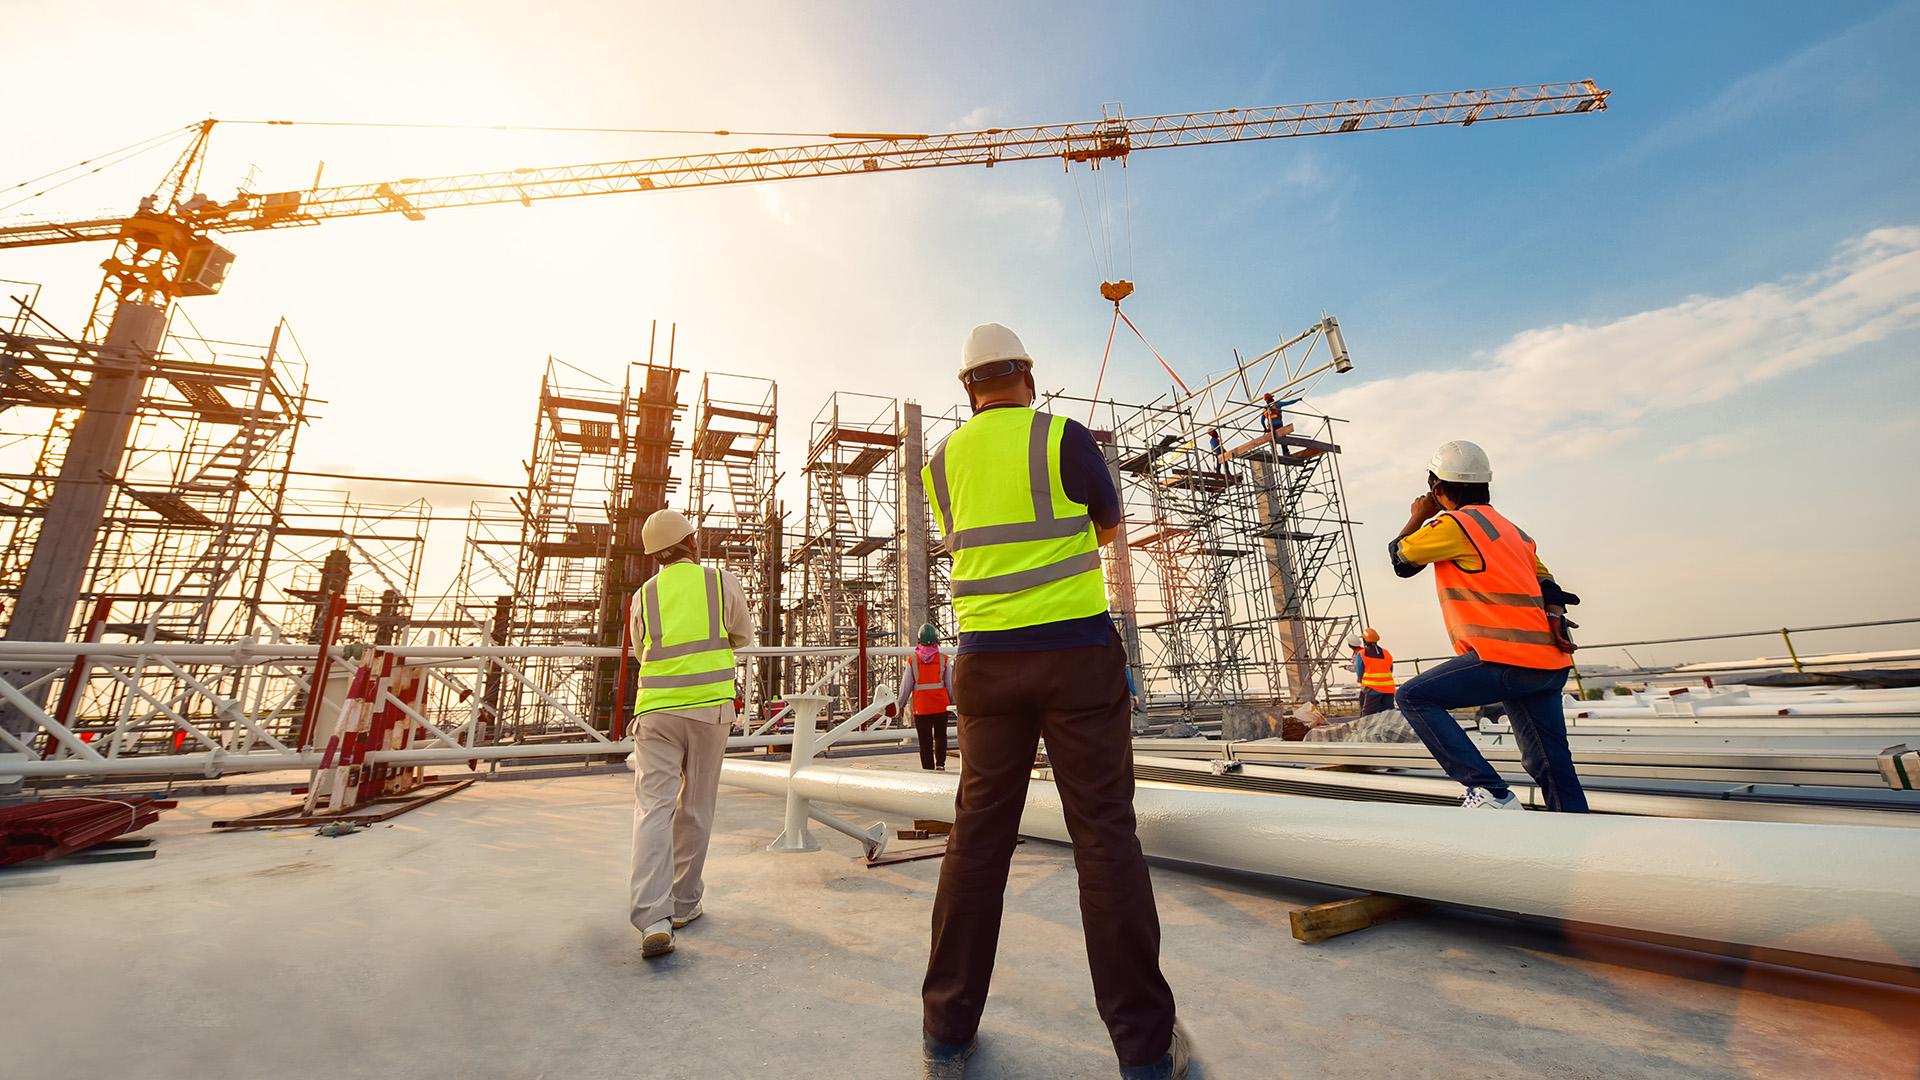 Sicherheitstechnik Stolz - Arbeitsschutz